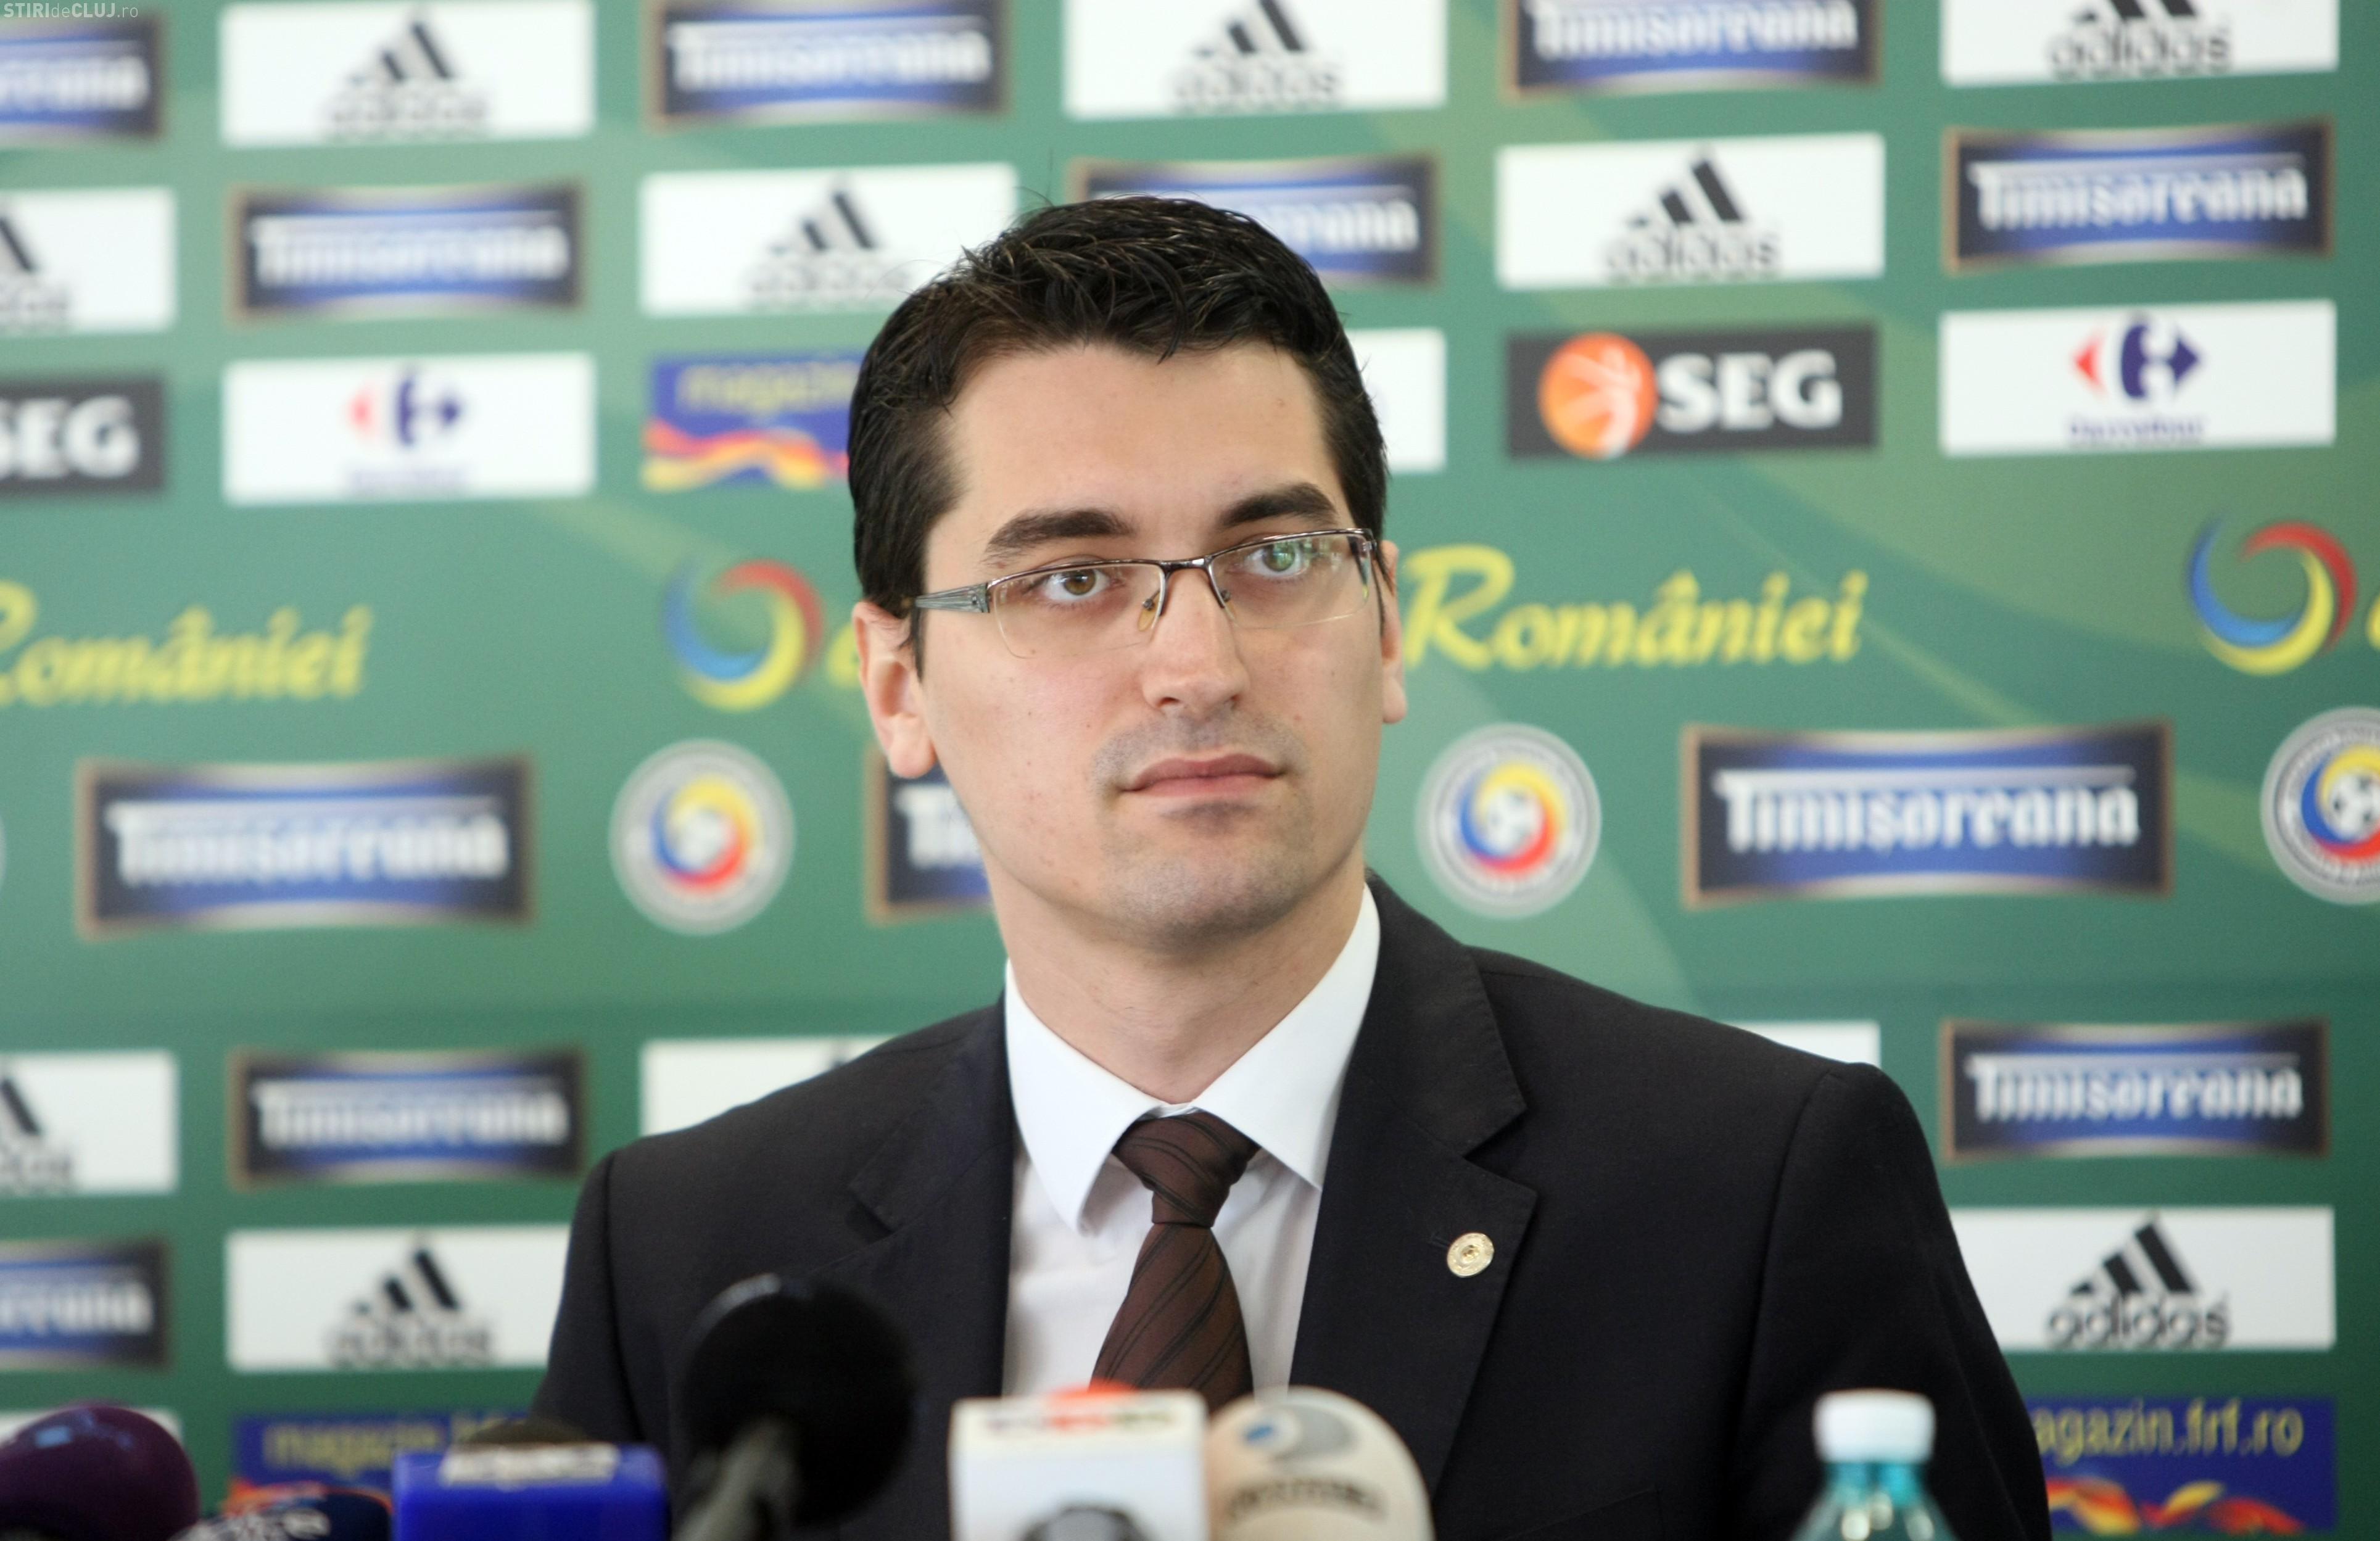 Reacția lui Răzvan Burleanu după ratarea calificării: Am avut pretenţii de la Christoph Daum